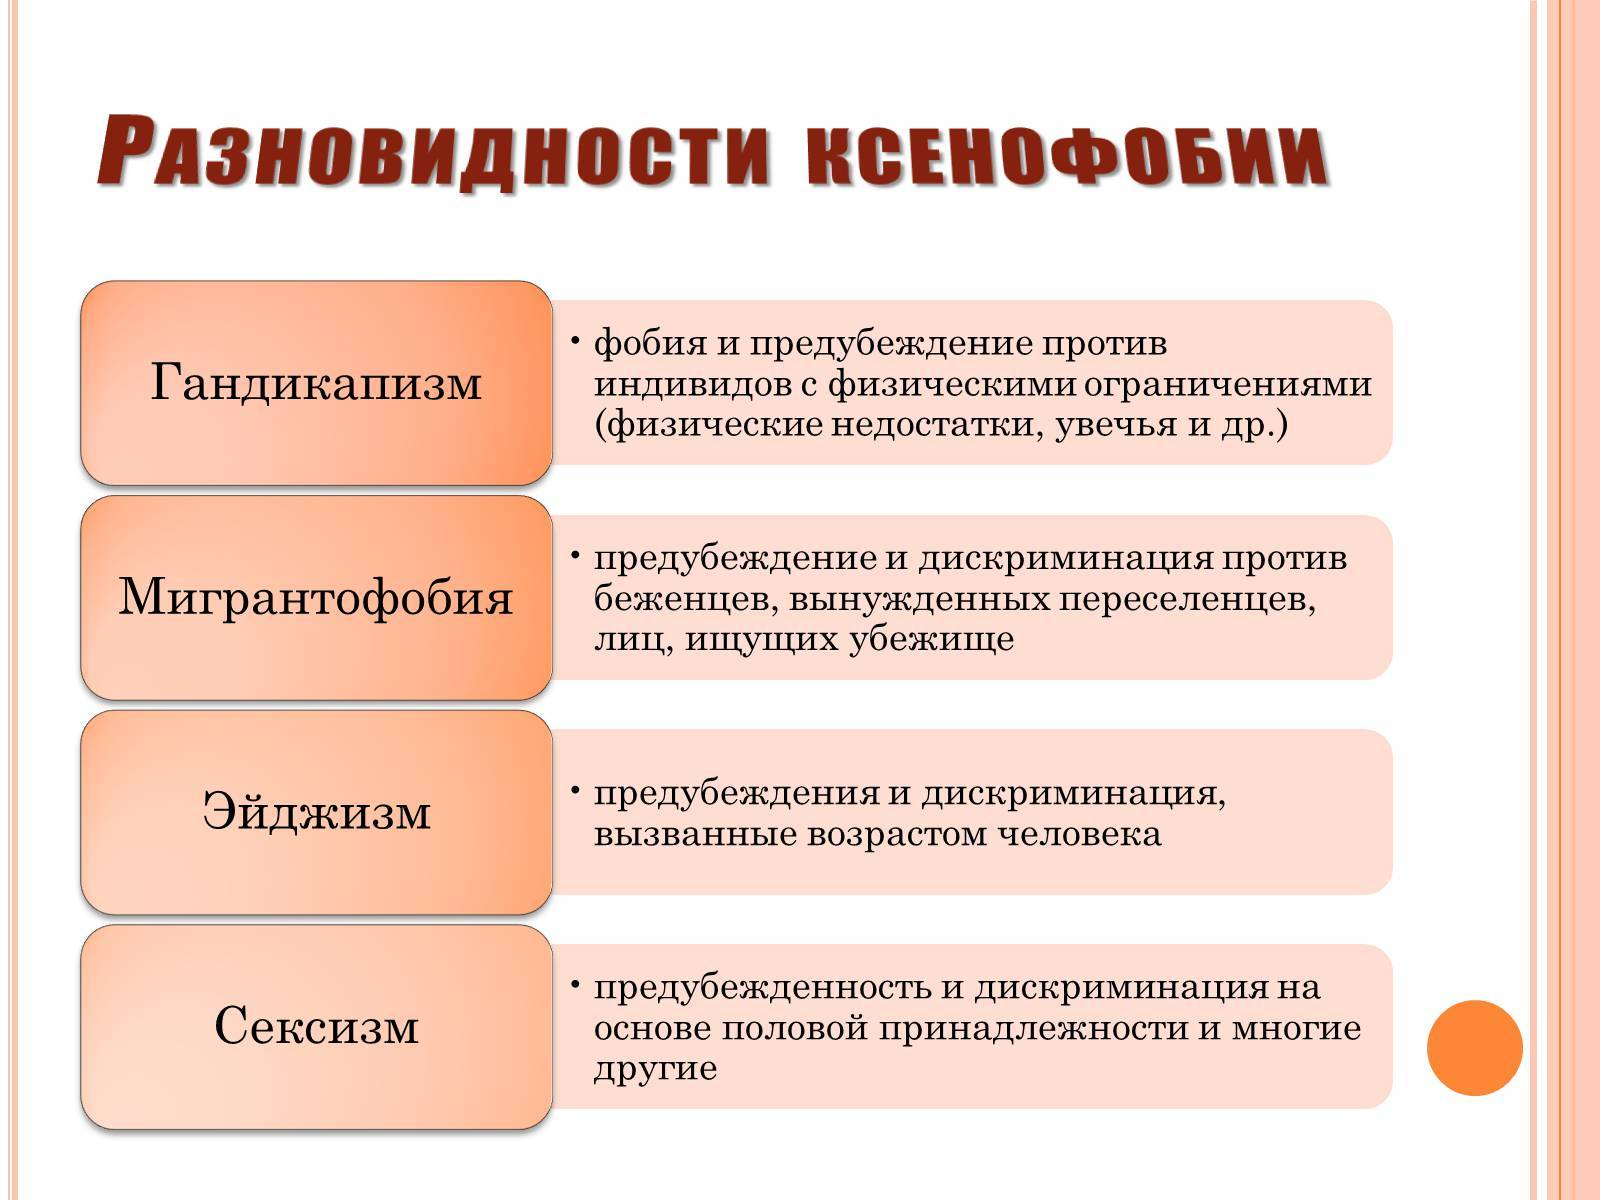 Что такое ксенофобия: суть, причины и типы ксенофобов